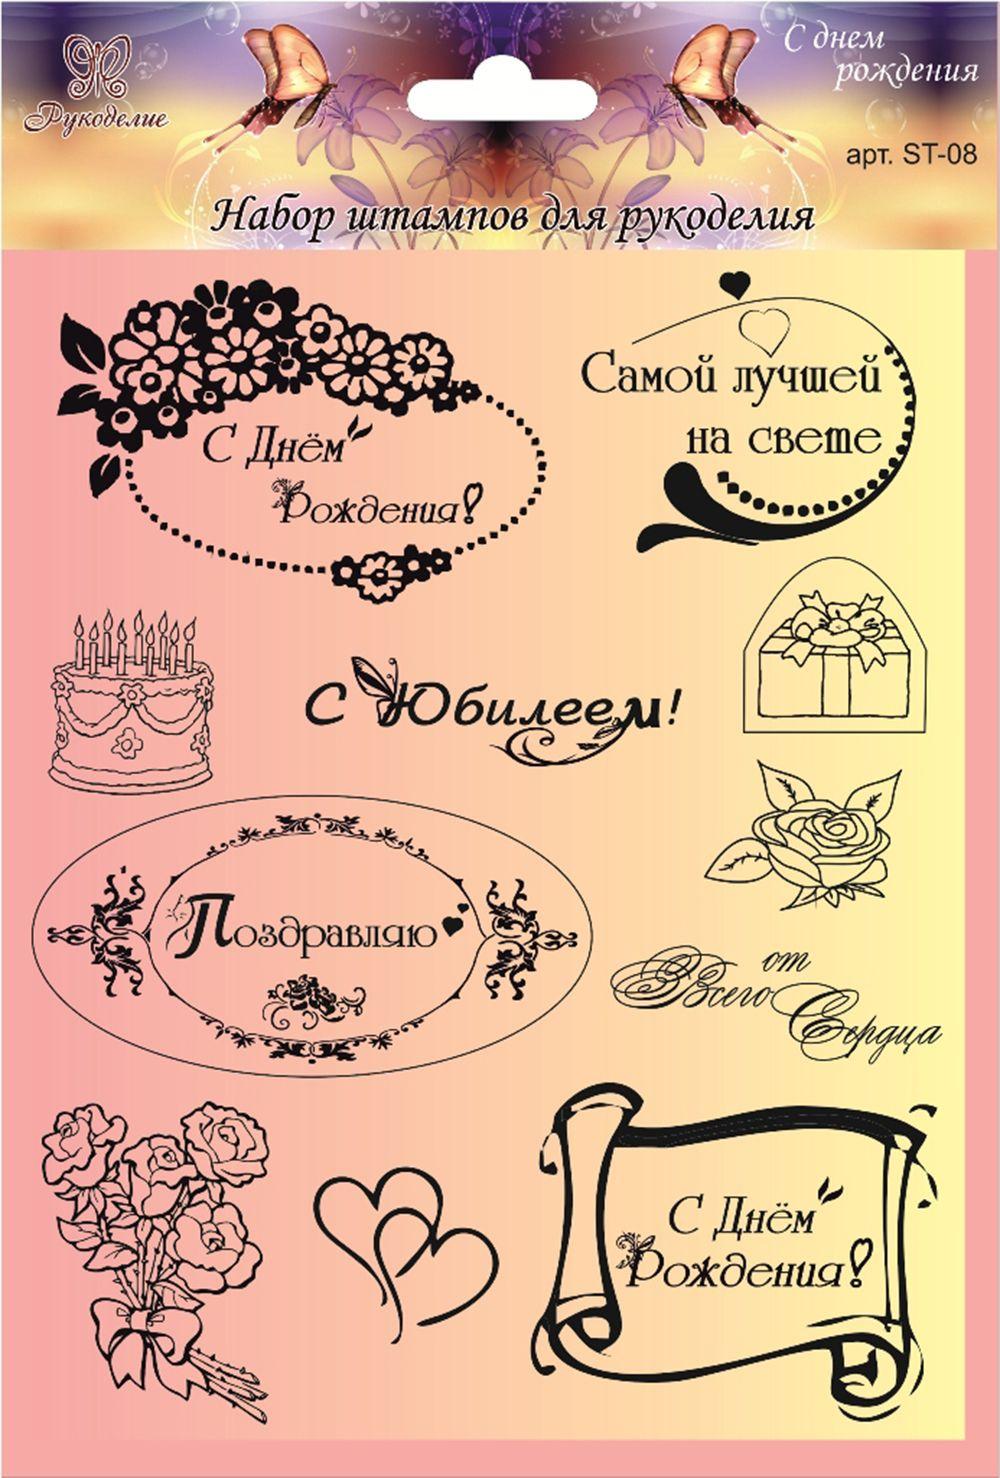 Поздравления с днем рождения для скрапбукинга распечатать